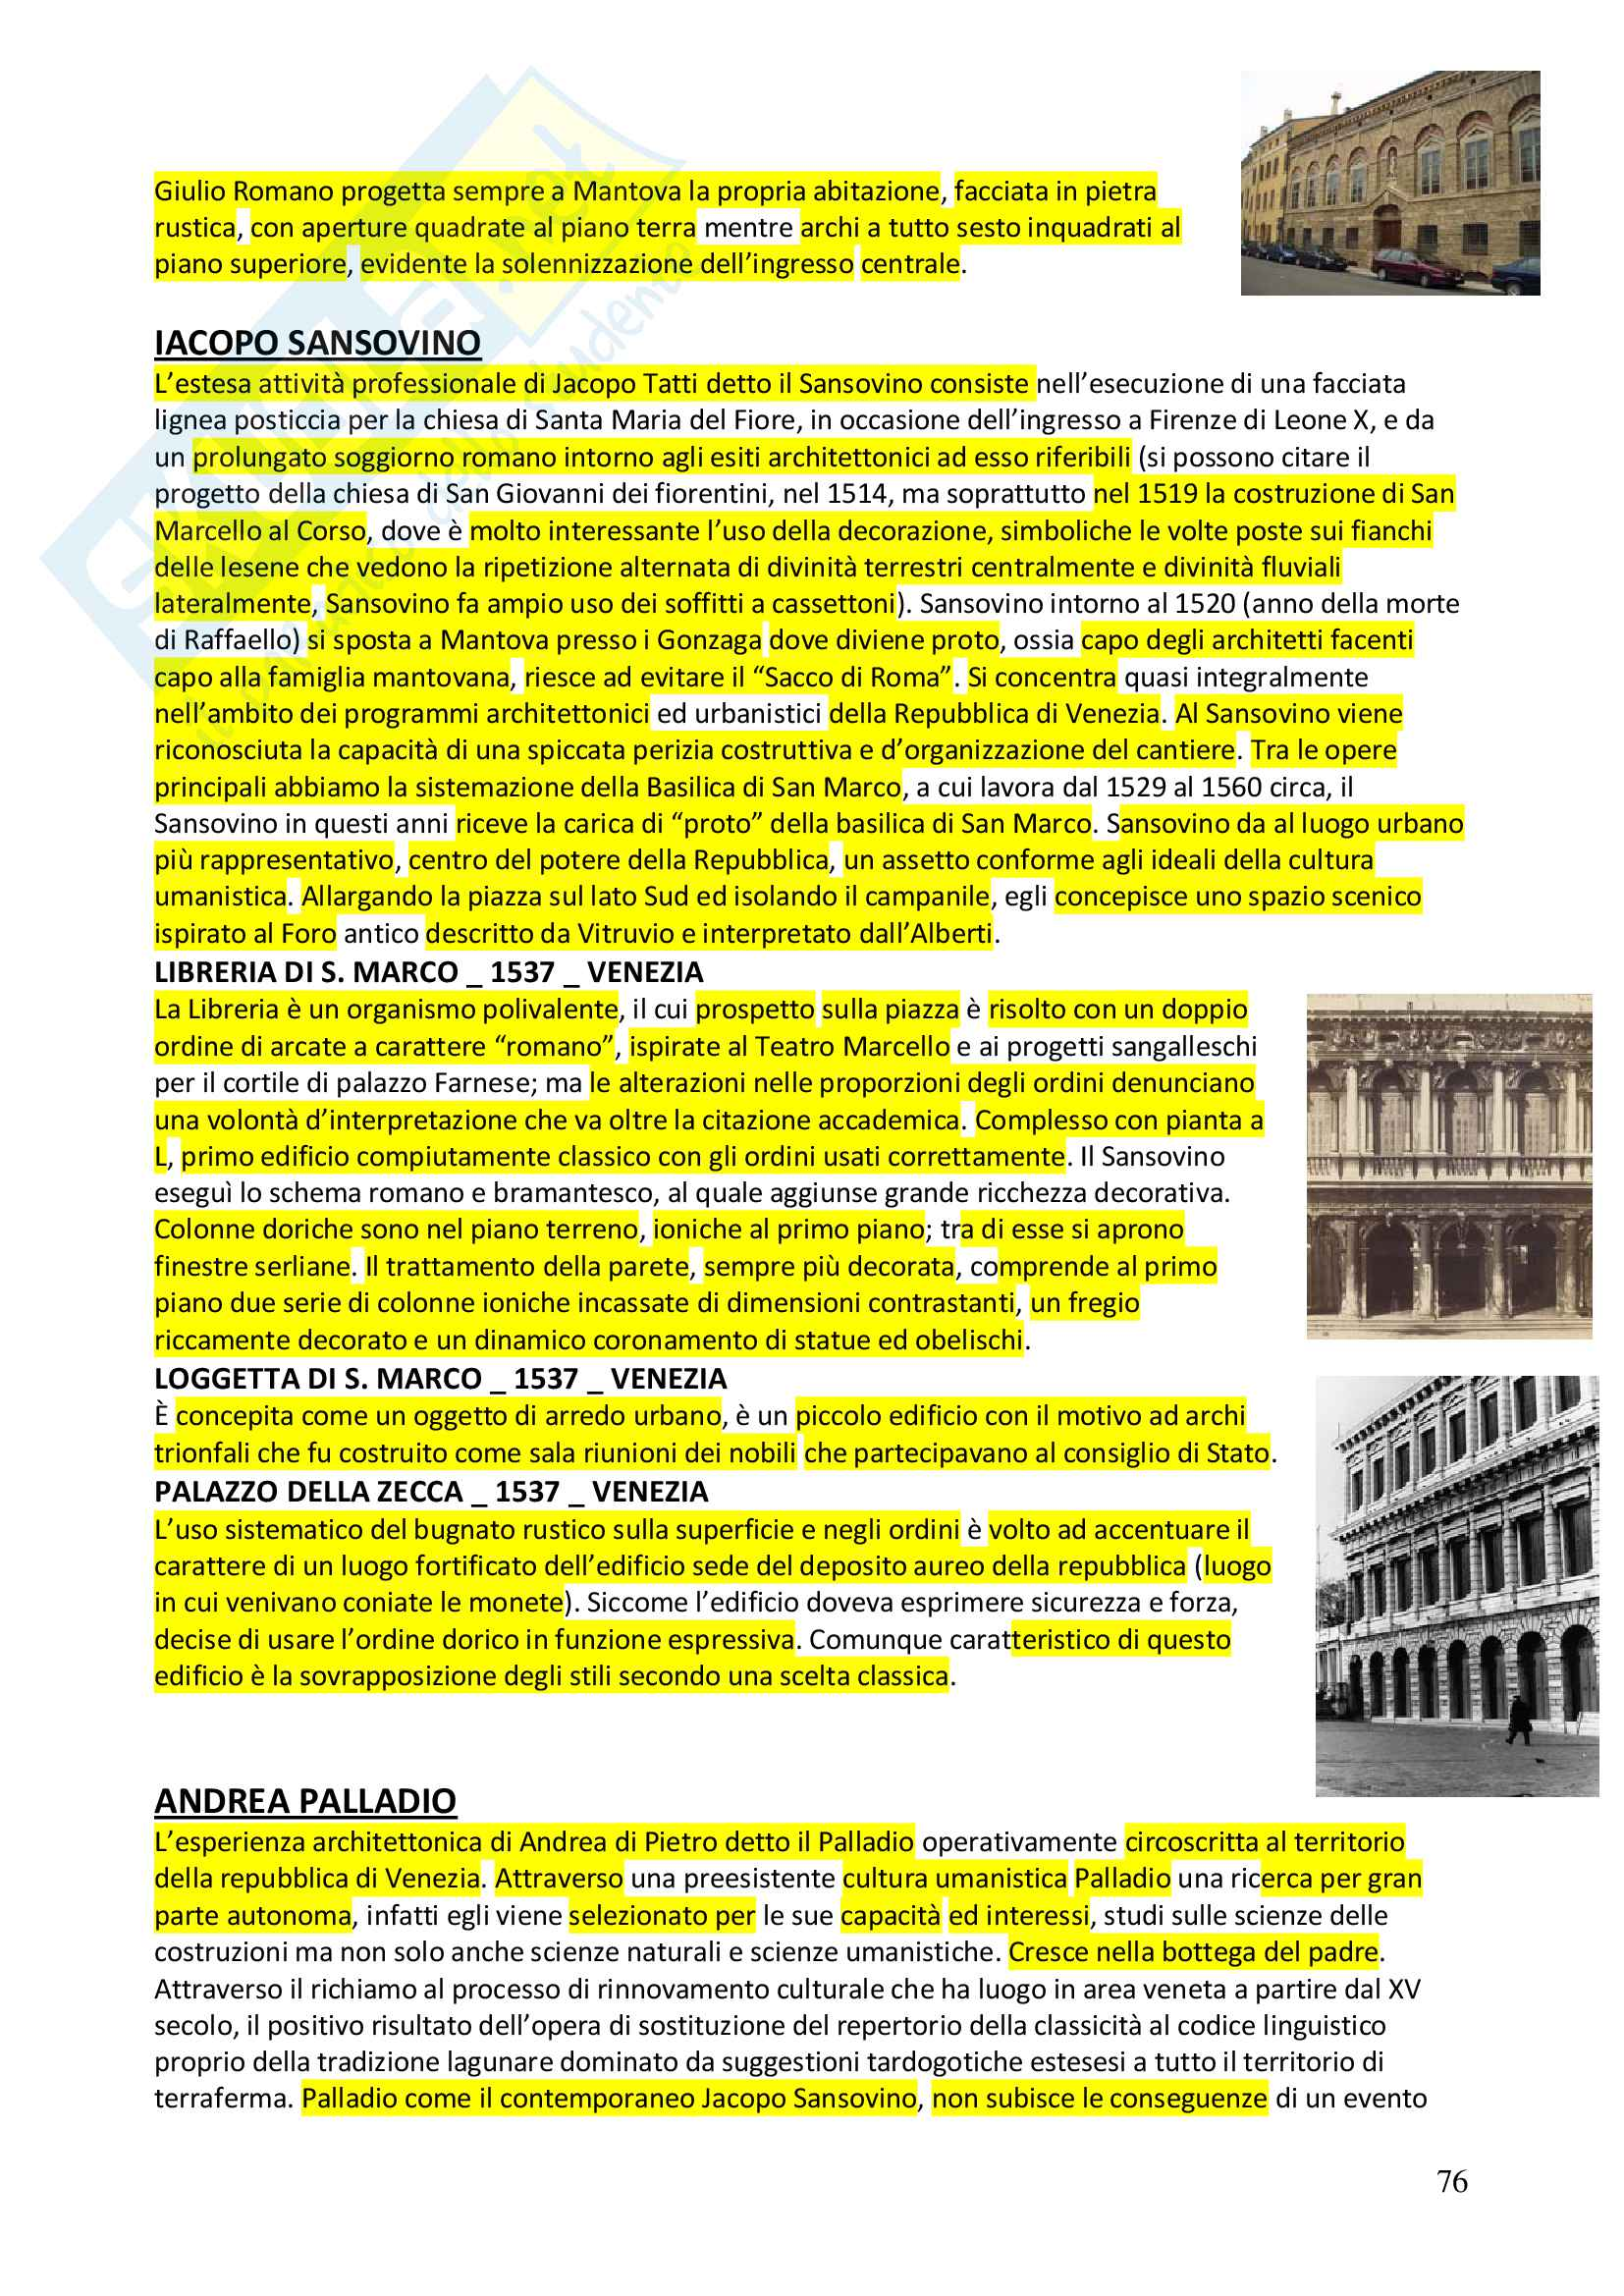 Appunti completi Storia dell'architettura 1+ Immagini Pag. 76